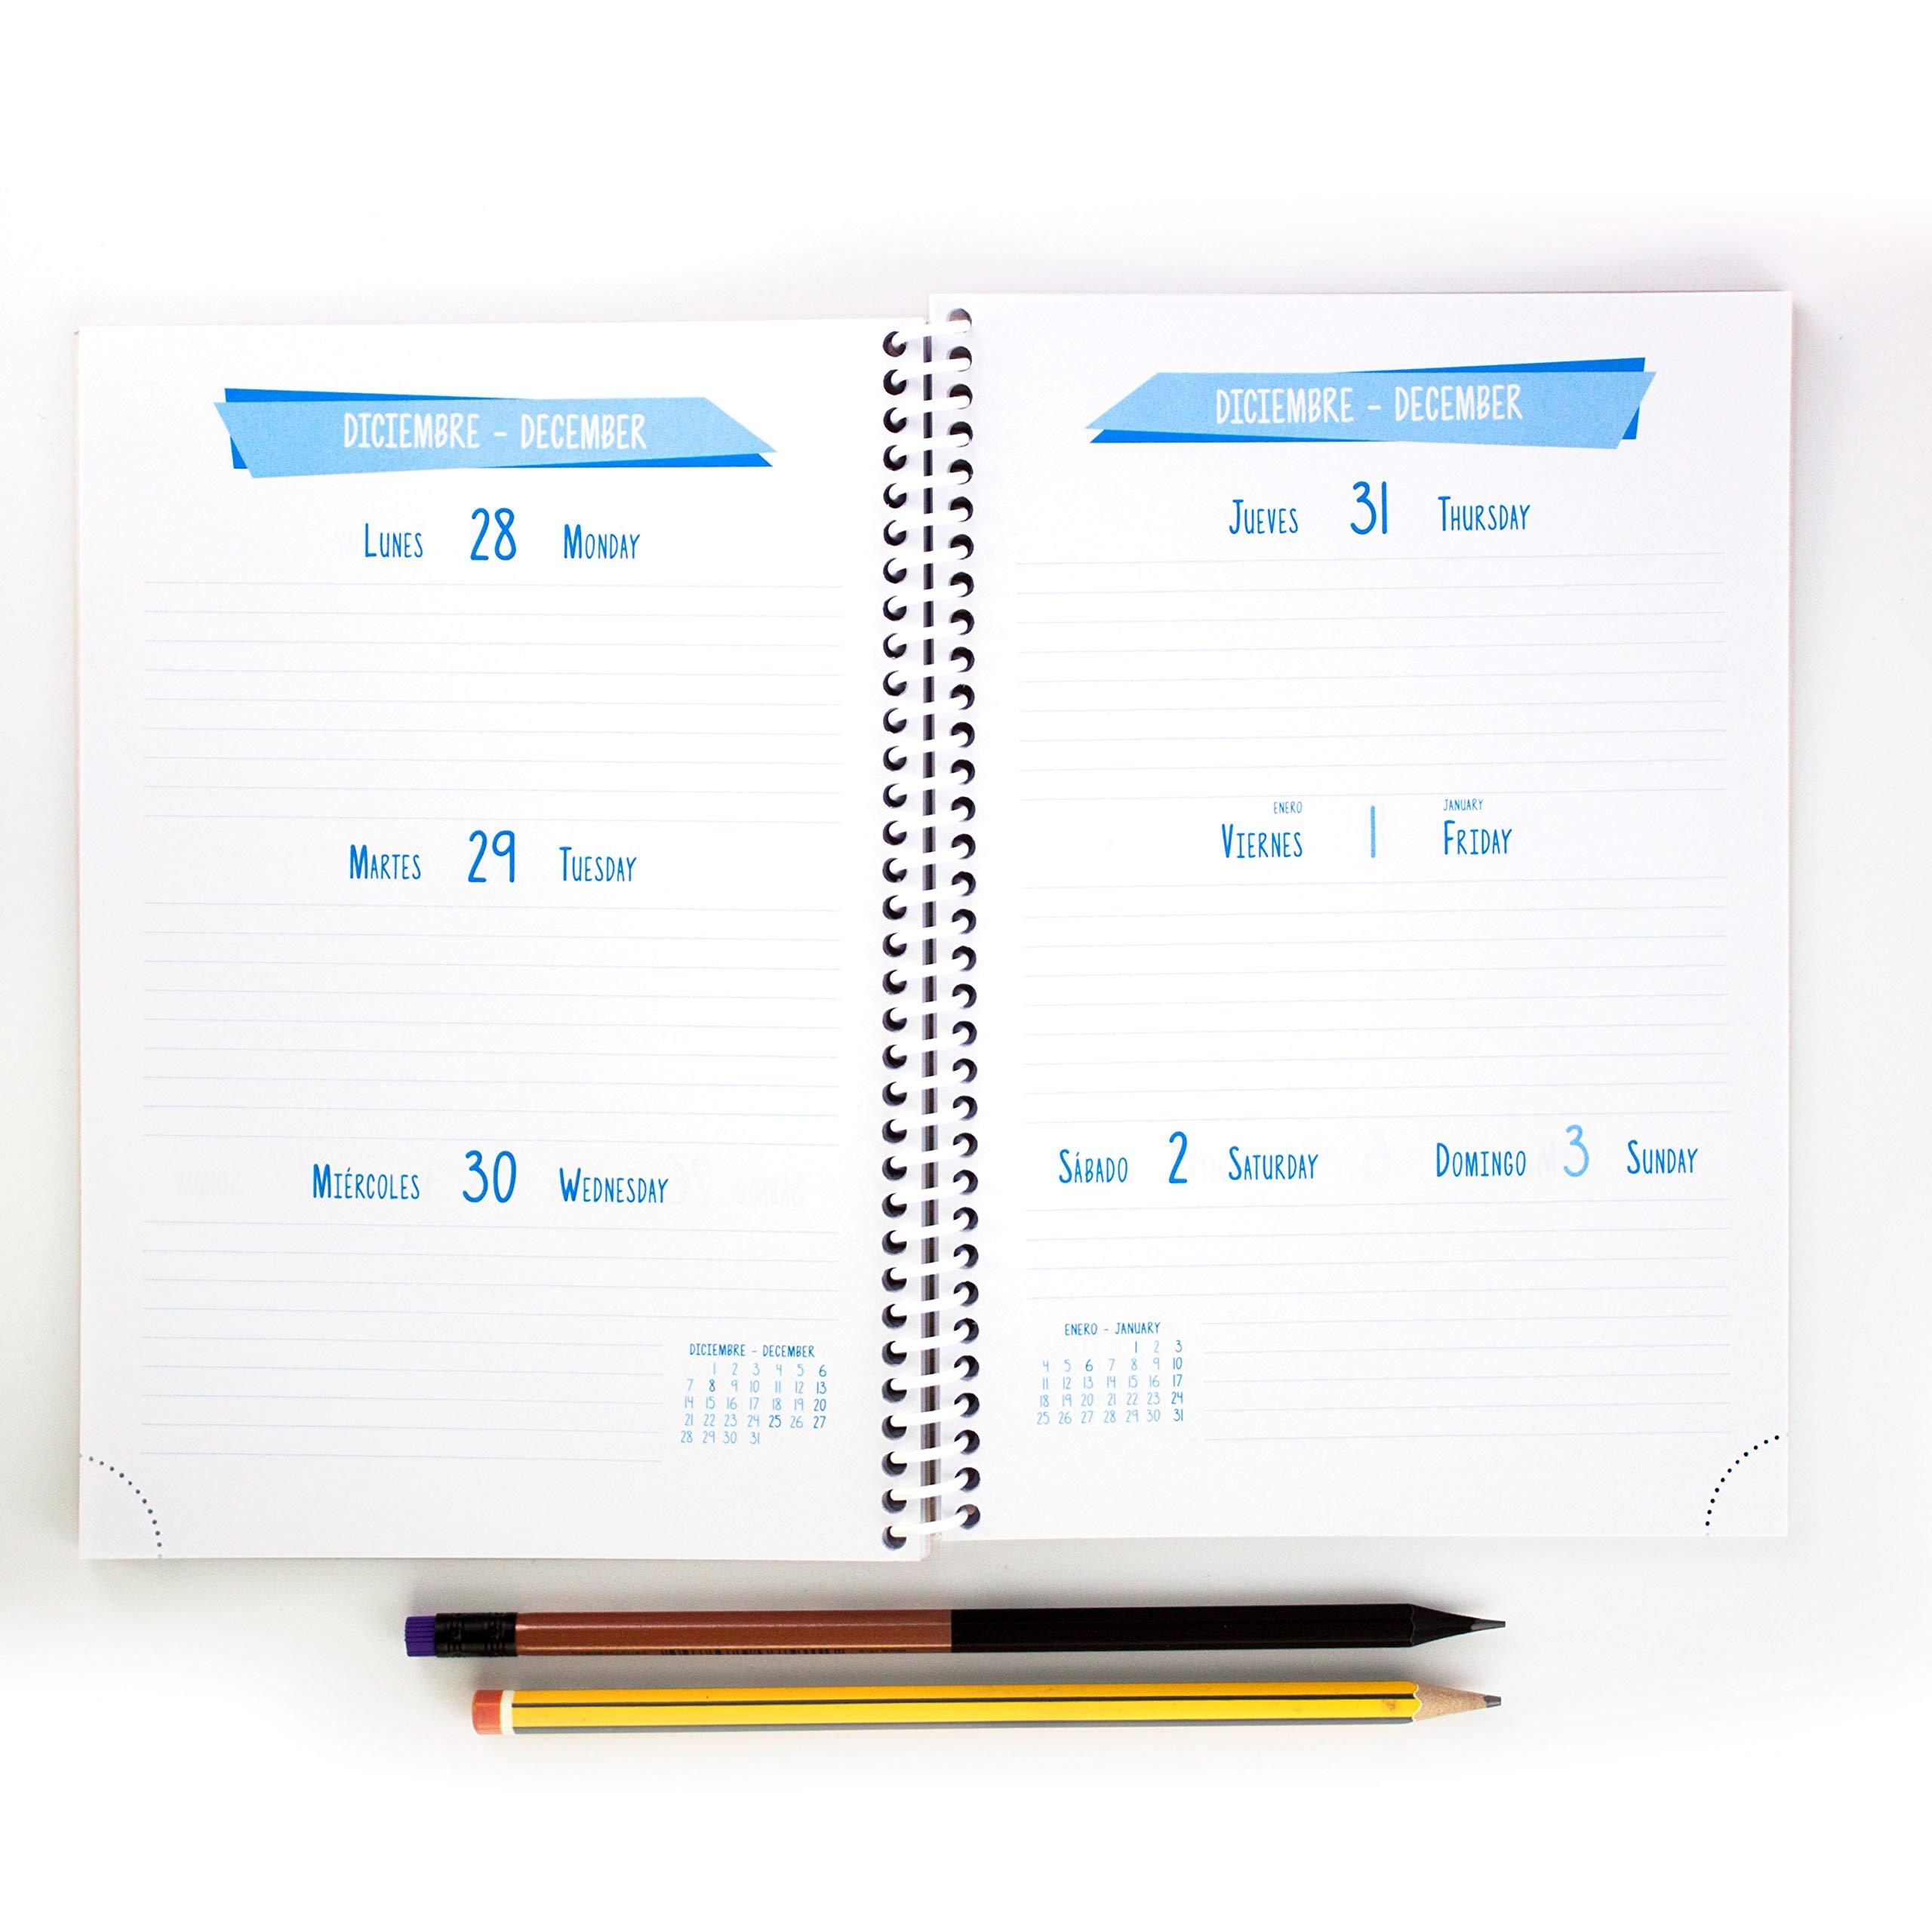 Casterli - Agenda Escolar 2020-2021 Basic Edition - Semana Vista, Tamaño A5 (Verde): Amazon.es: Oficina y papelería